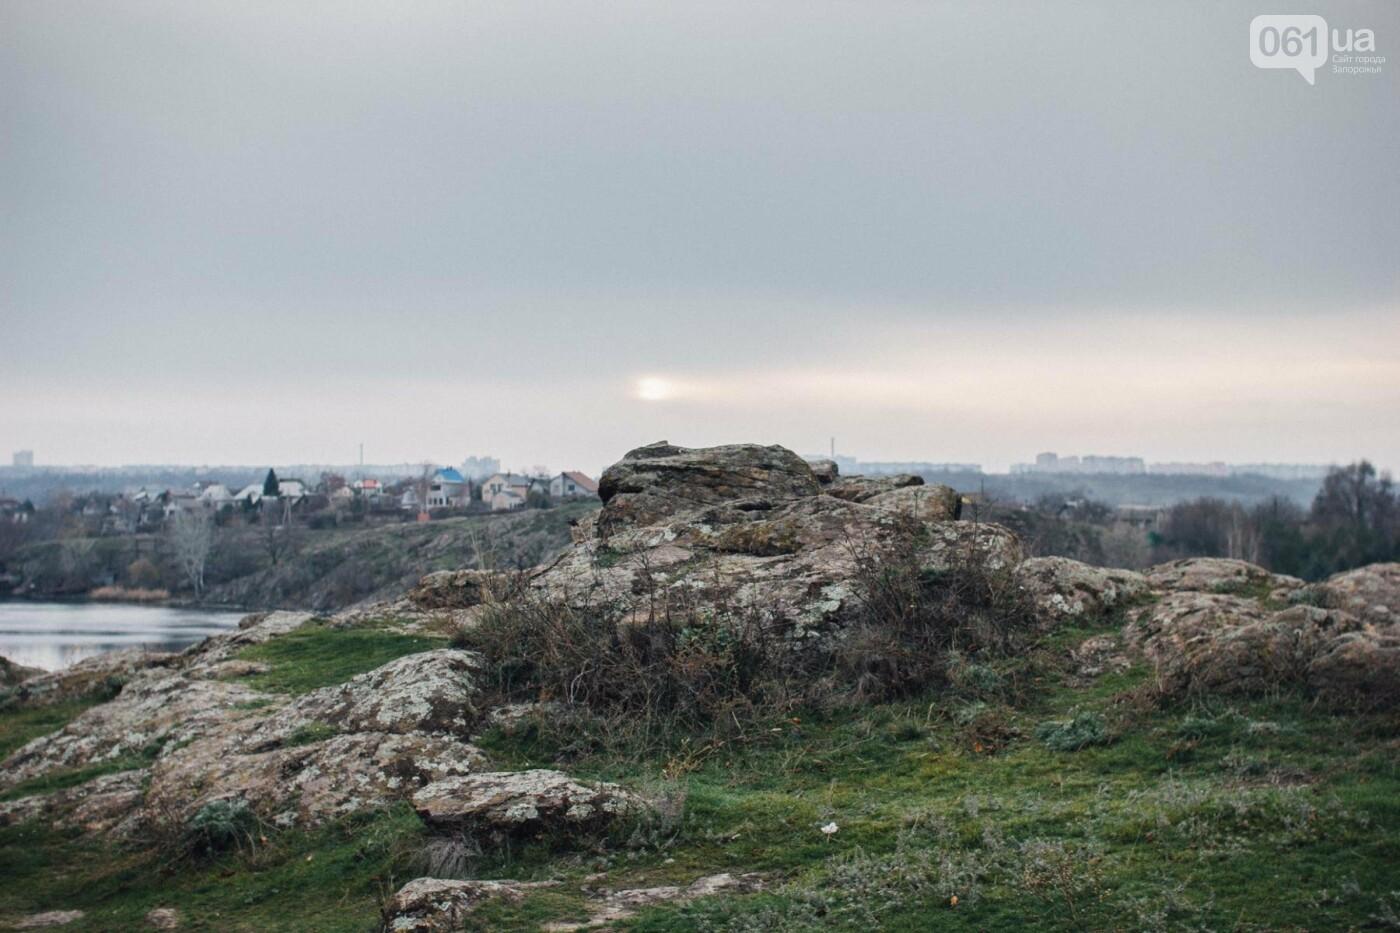 Четыре дня до зимы: как выглядит Хортица поздней осенью, - ФОТОРЕПОРТАЖ, фото-13